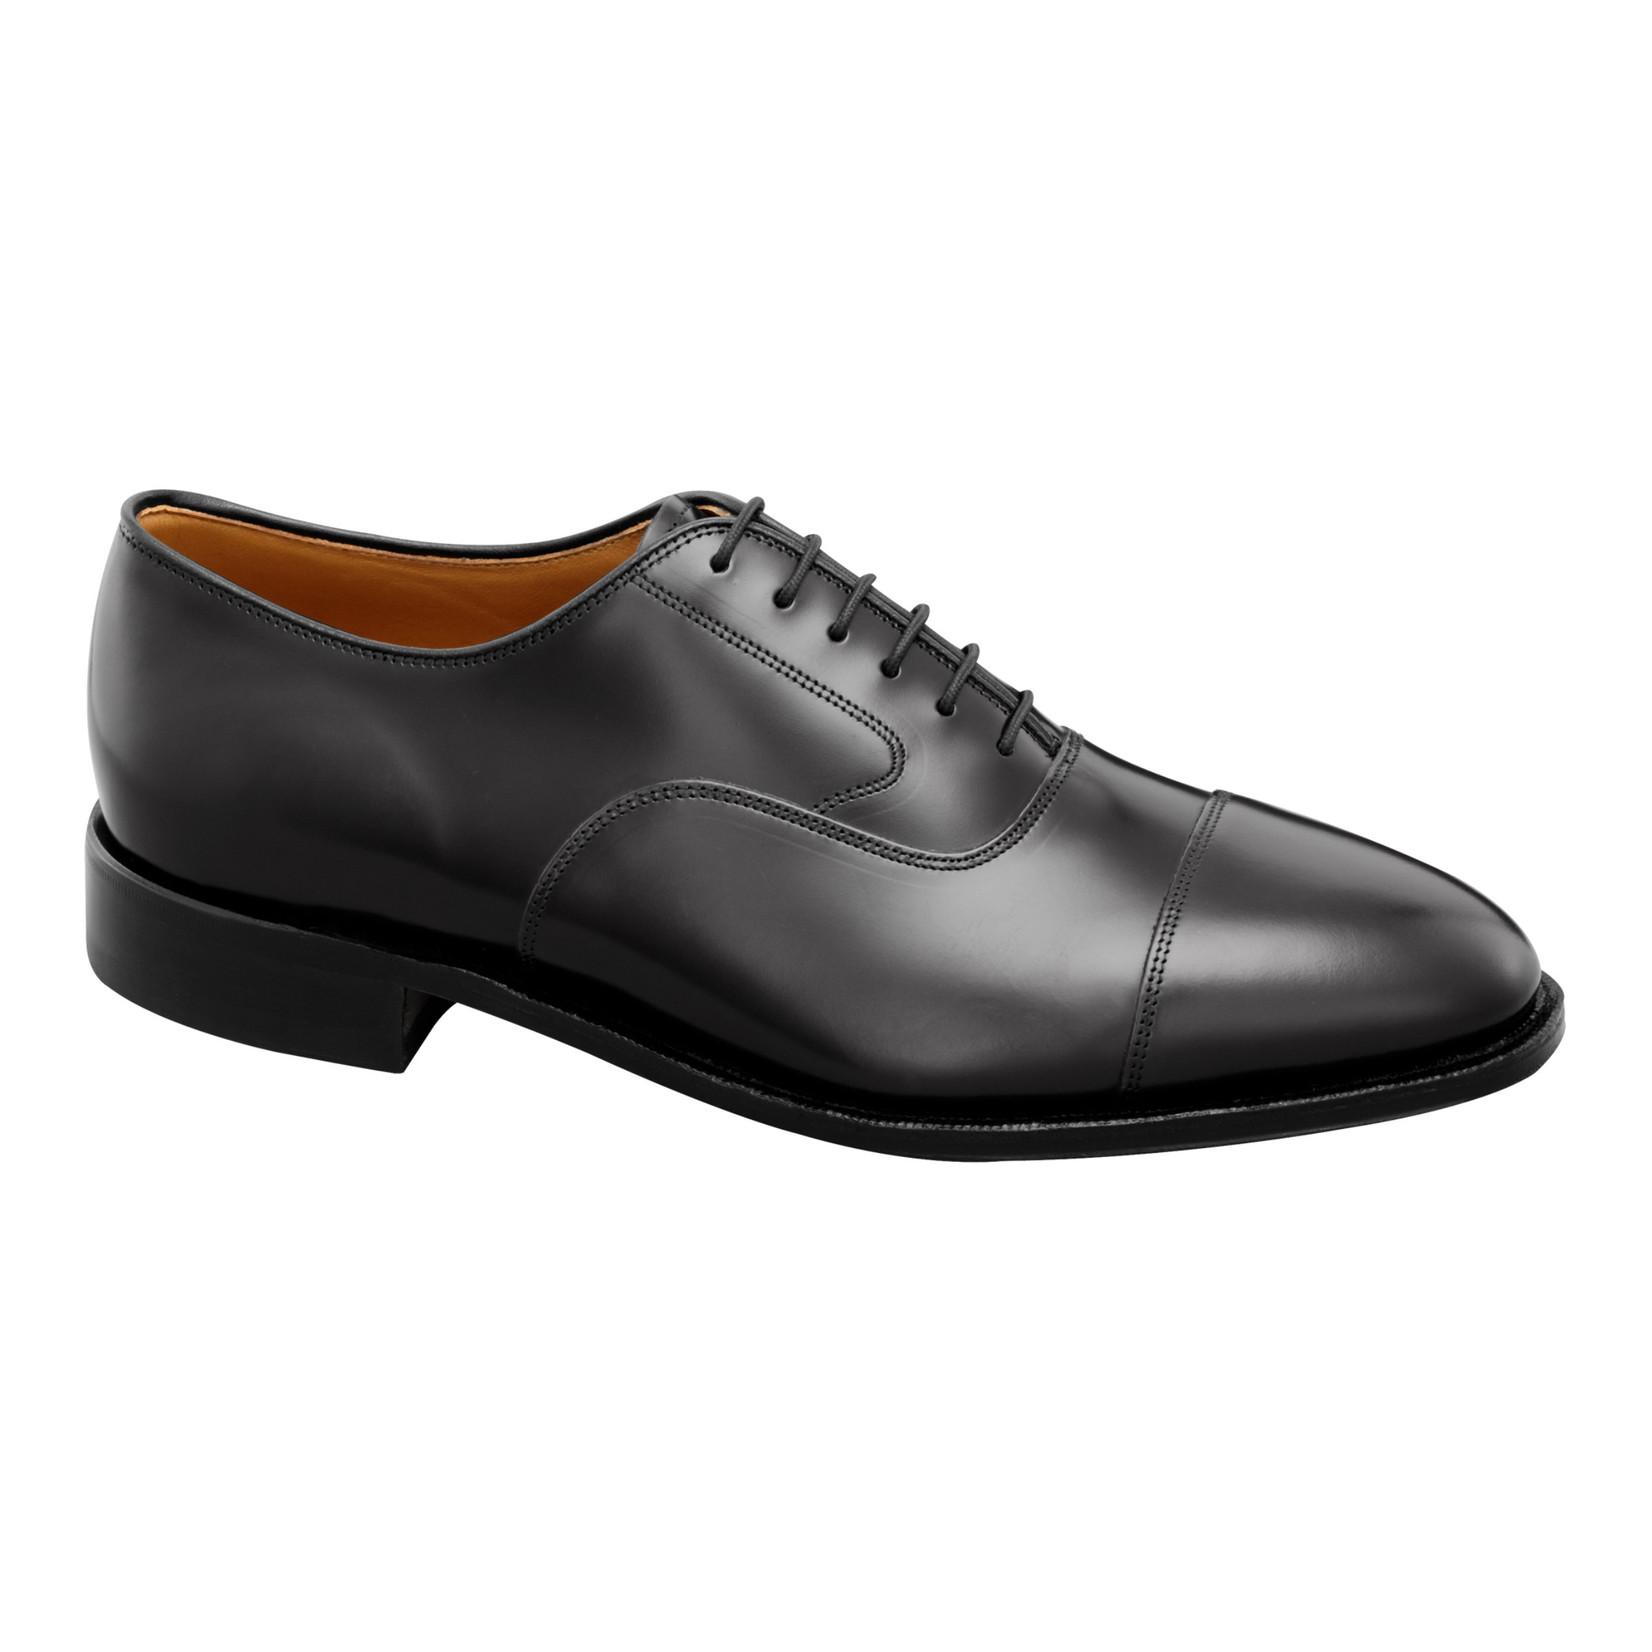 J&M Johnston & Murphy Shoes Melton